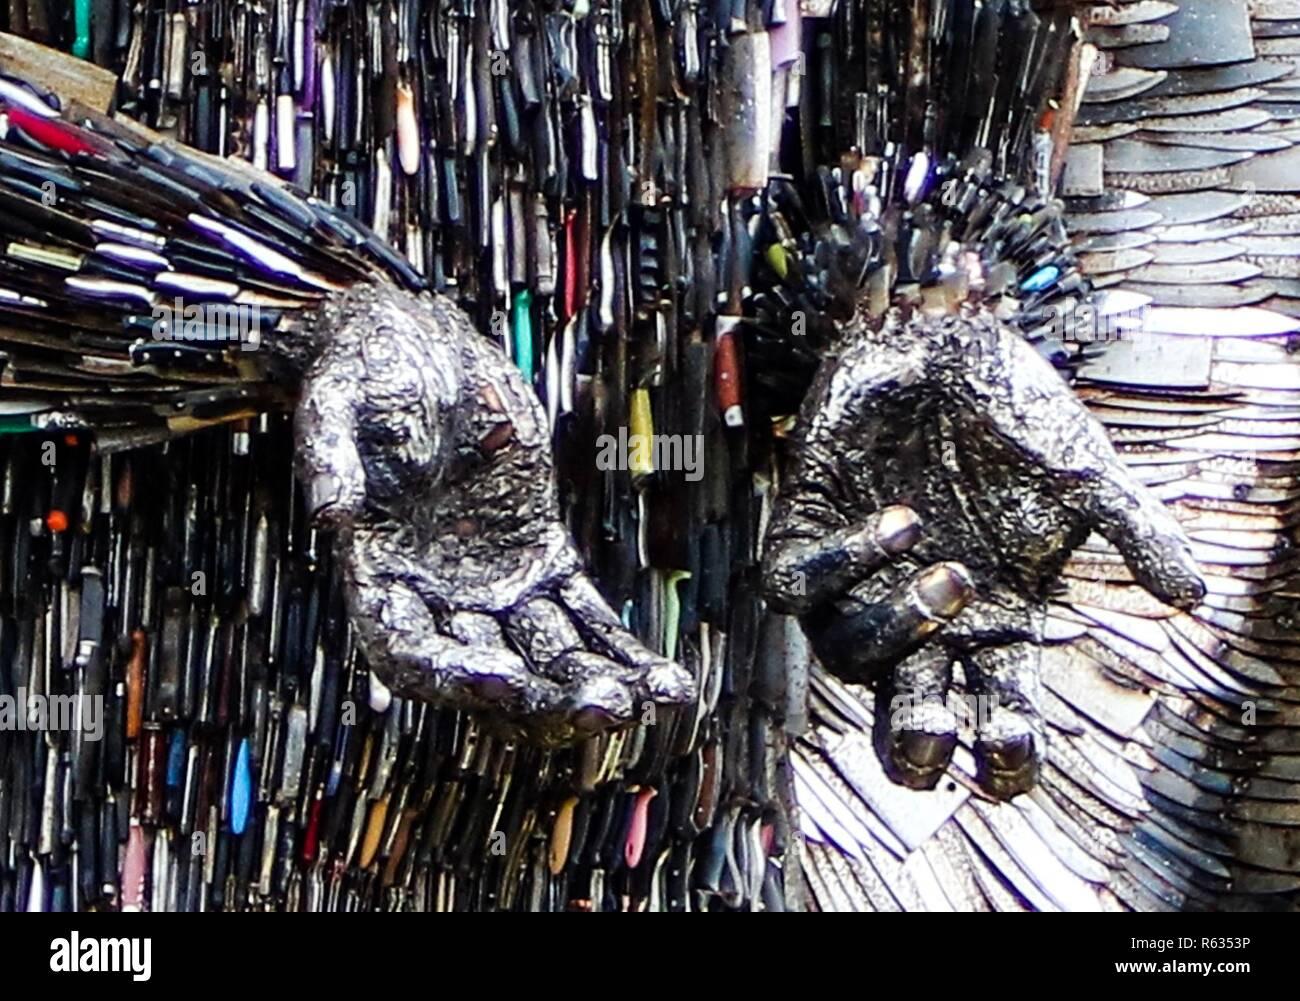 Liverpool, Reino Unido el 3 de diciembre de 2018 Ángel de cuchilla en exposición en la catedral de Liverpool. La escultura está hecha de 100.000 cuchillos entregadas a las autoridades Ian Fairbrother crédito/Alamy Live News Imagen De Stock